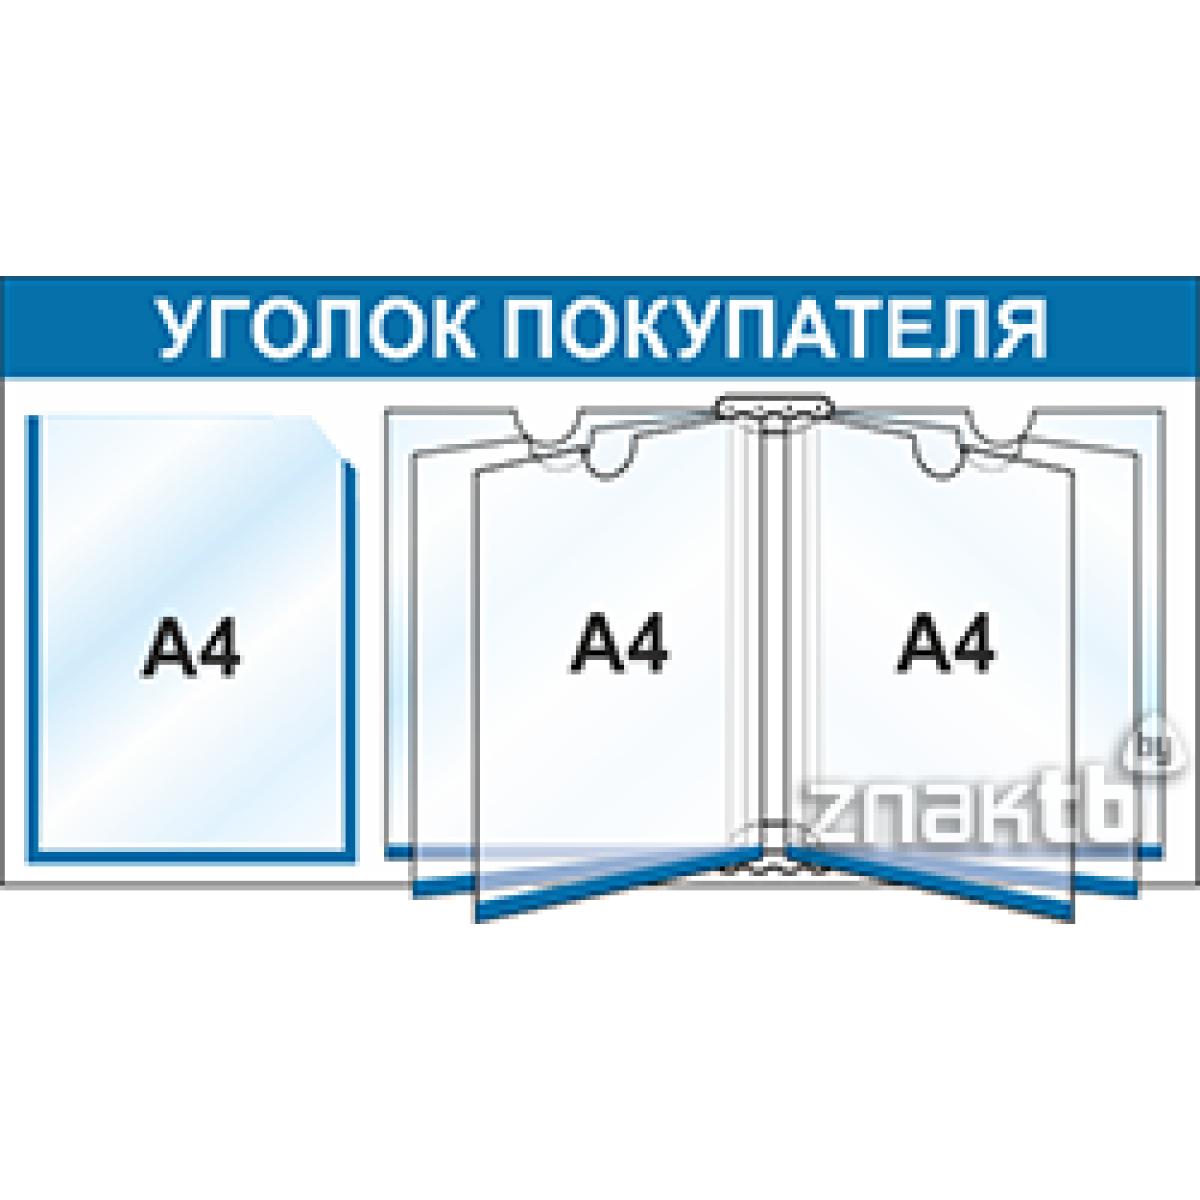 Уголок потребителя/покупателя с 1 ячейкой (А4) и книгой (А4)